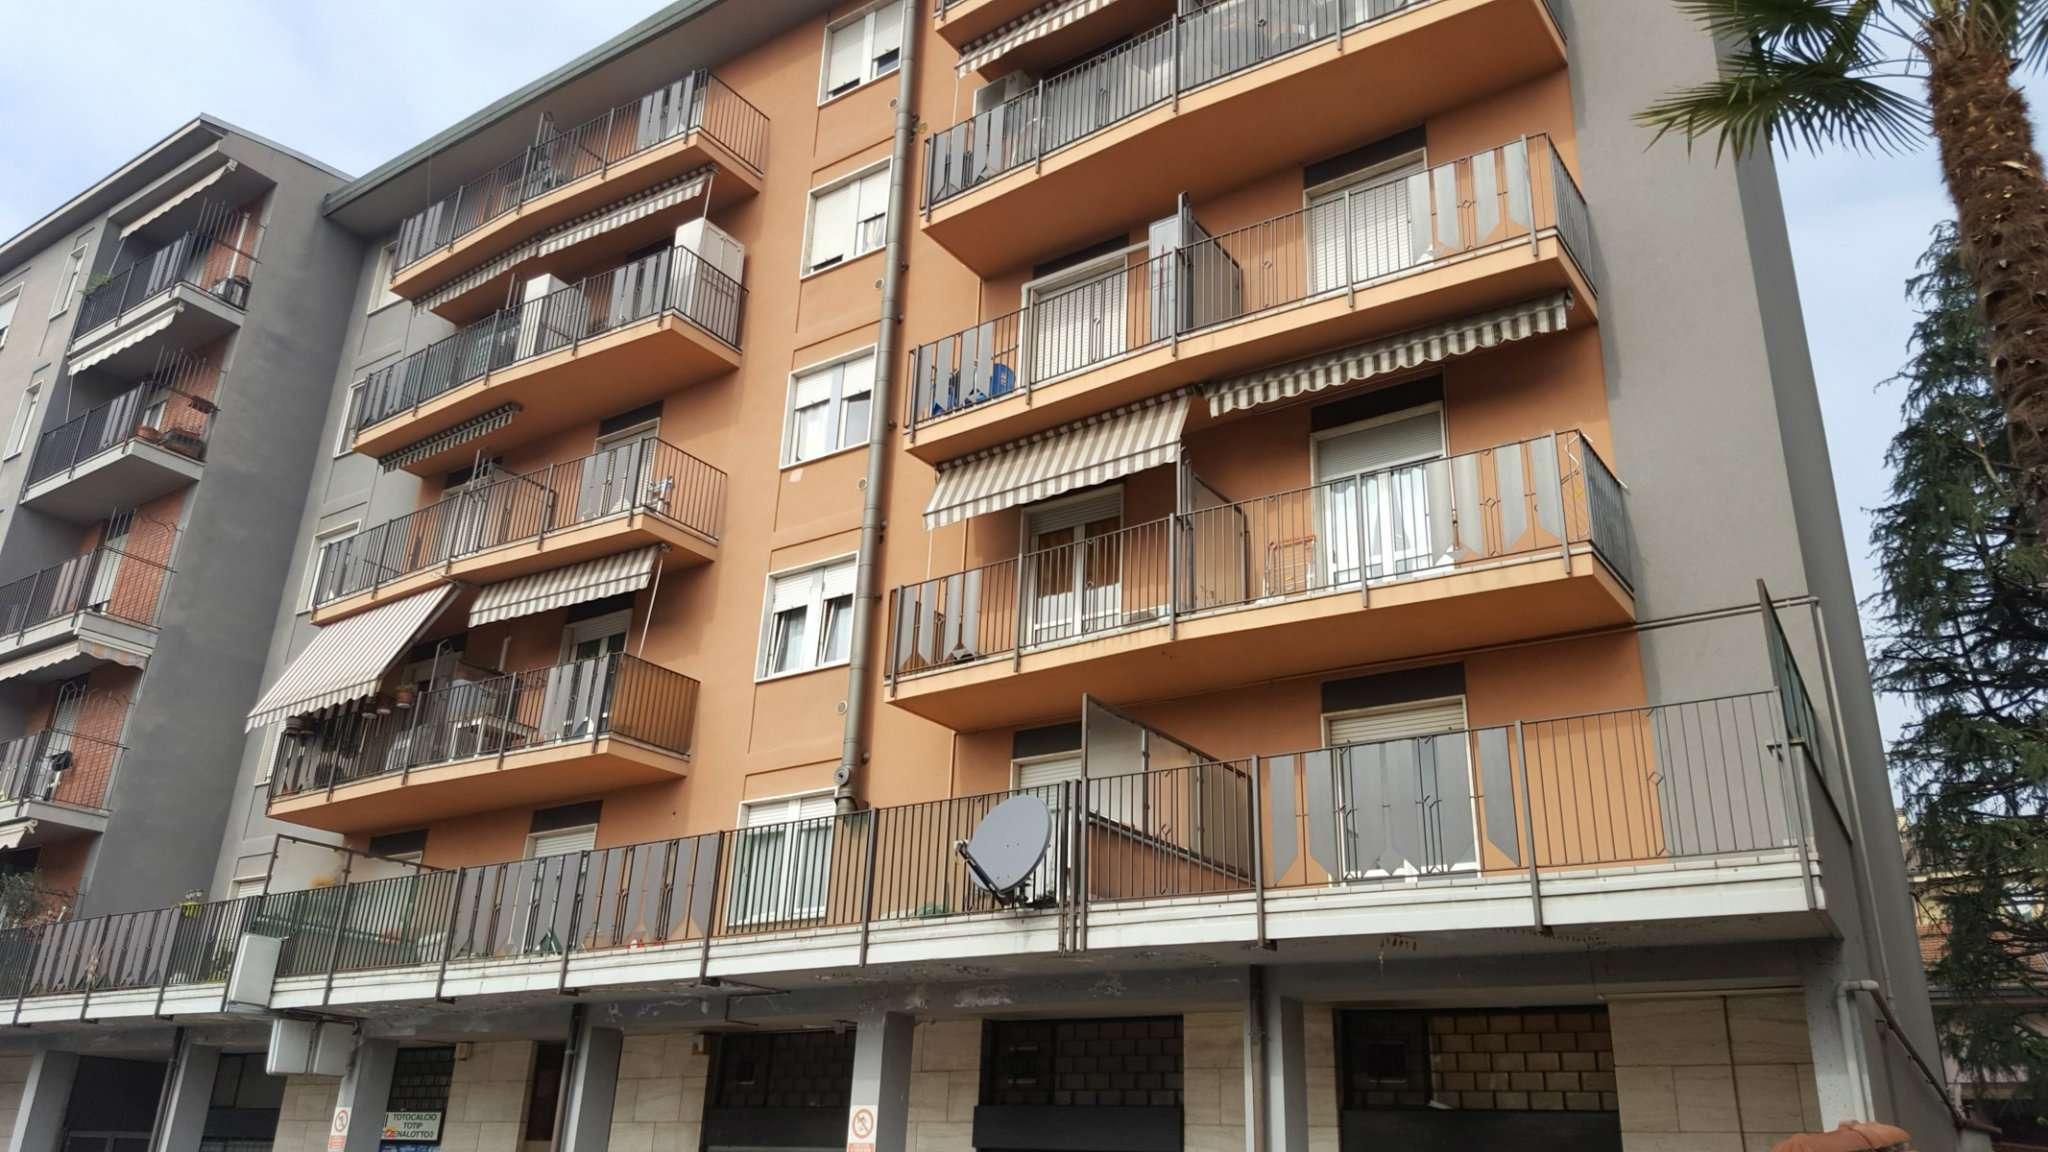 Appartamento in vendita a Macherio, 3 locali, prezzo € 129.000 | Cambio Casa.it